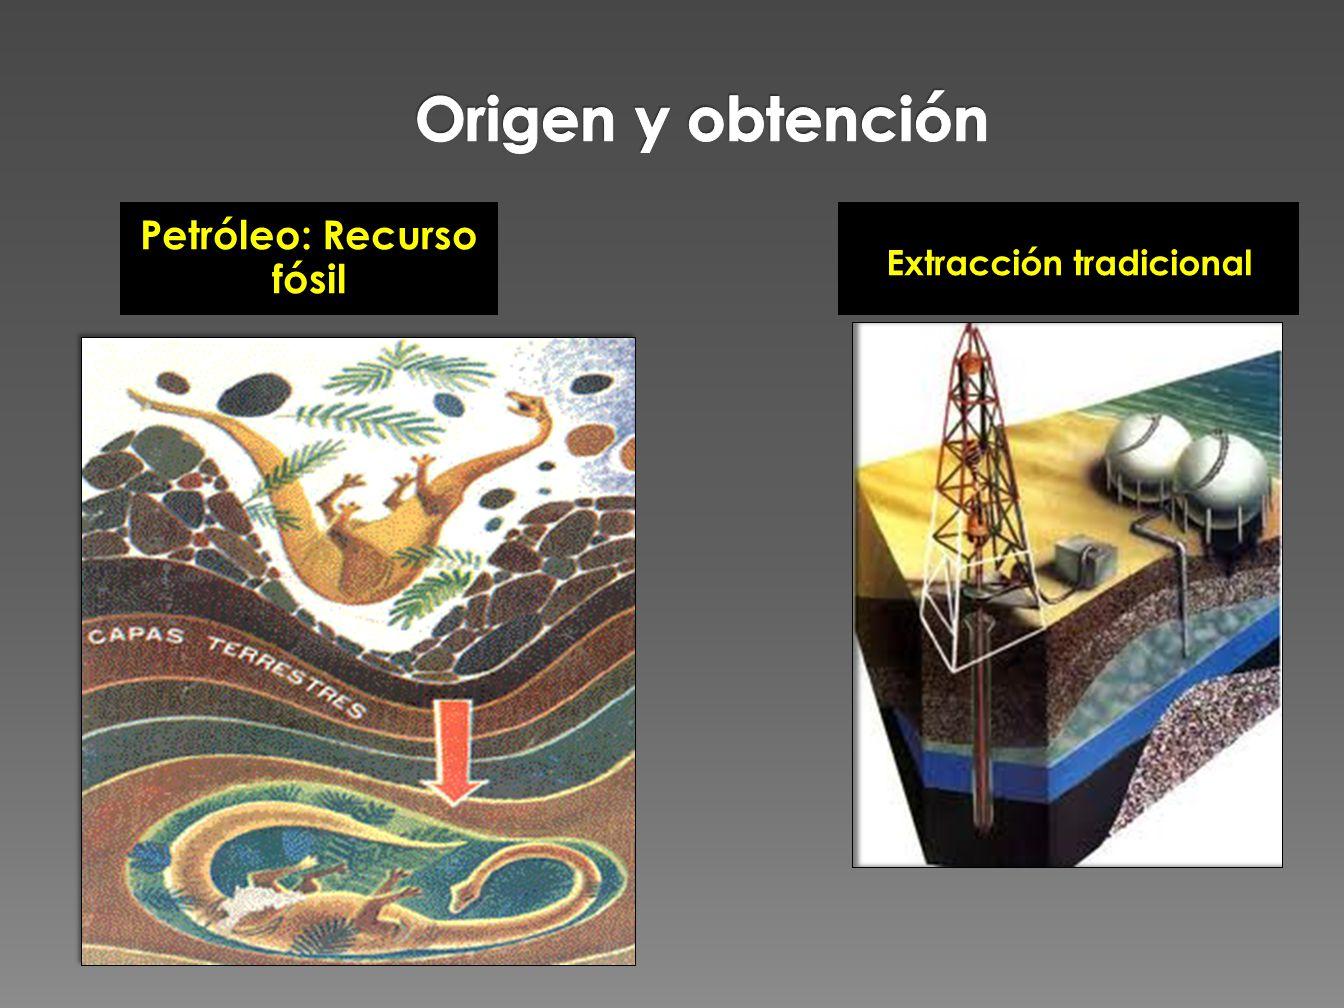 Petróleo: Recurso fósil Extracción tradicional